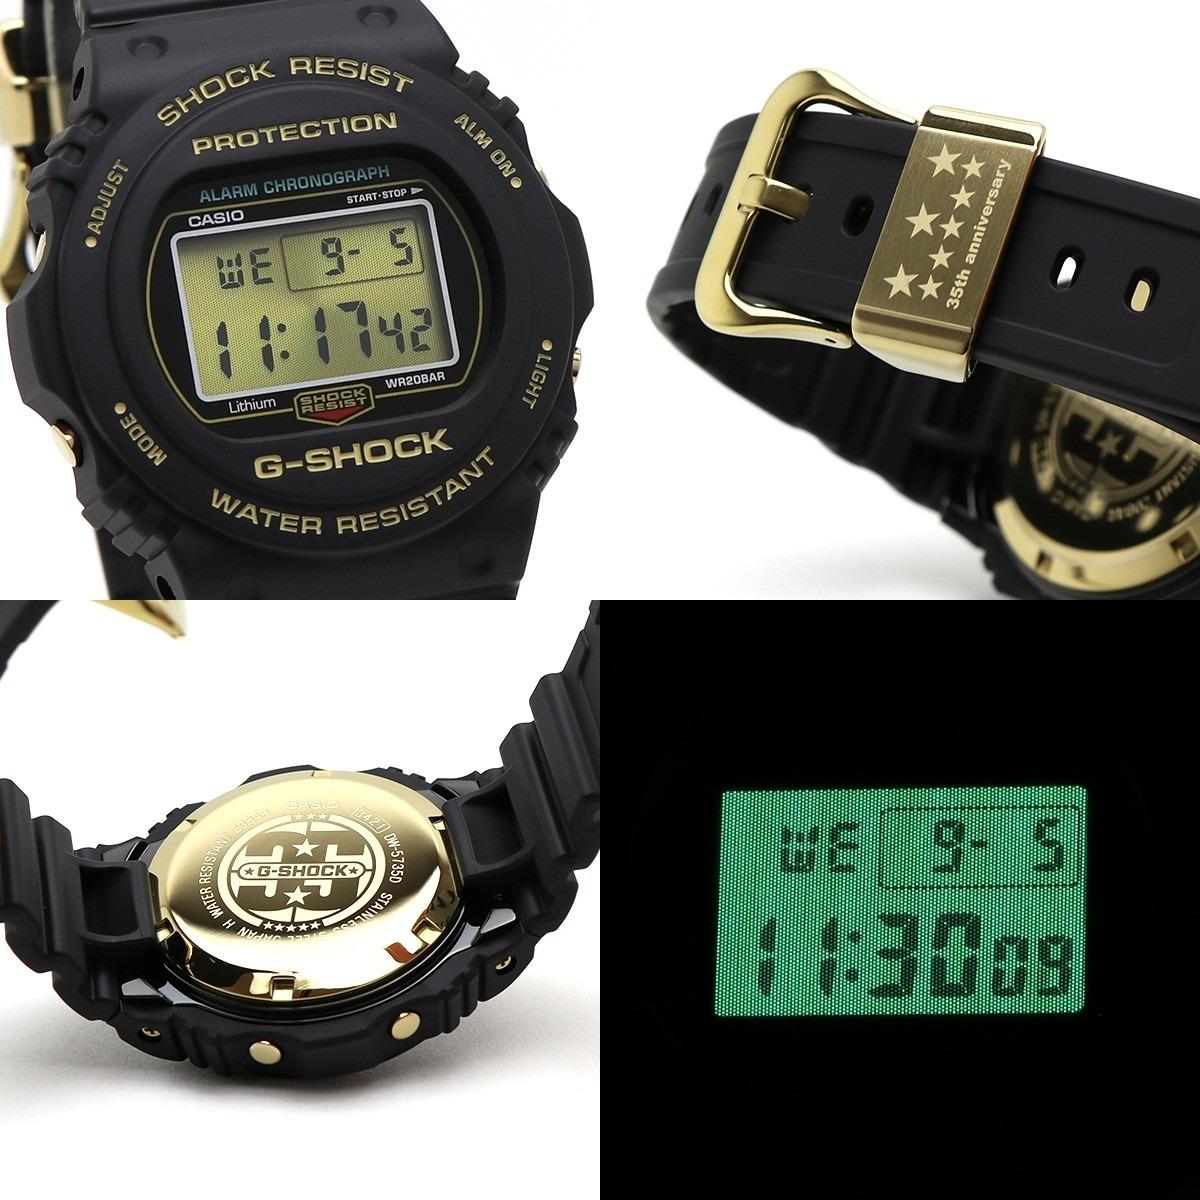 2aff1f02b874 reloj casio g shock dw 5735 edición limitada 35 aniversario. Cargando zoom.